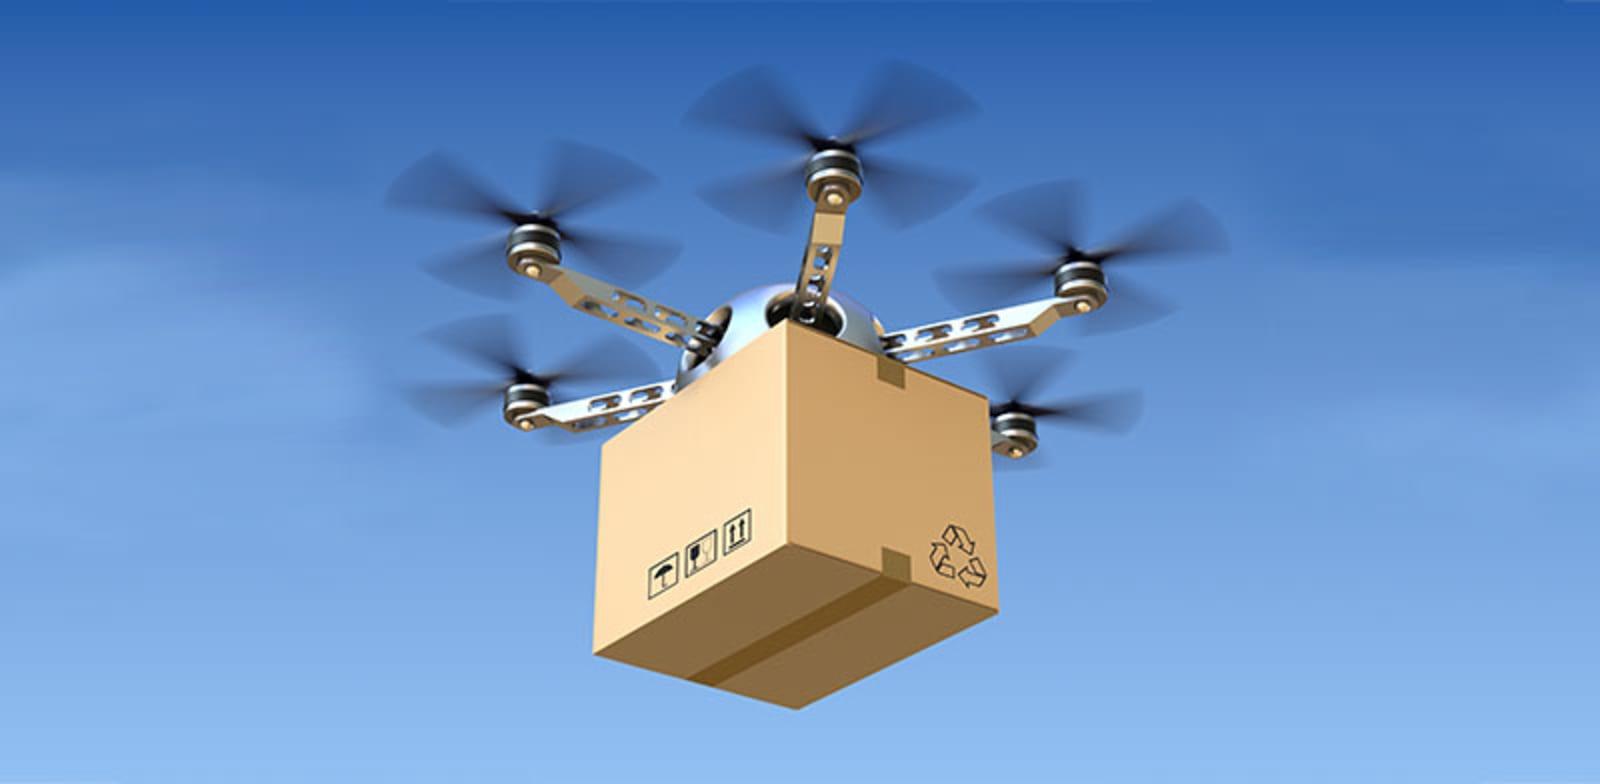 שדה רחפן עם חבילה.  לשרת שכונה שלמה חובה / צילום: Shutterstock